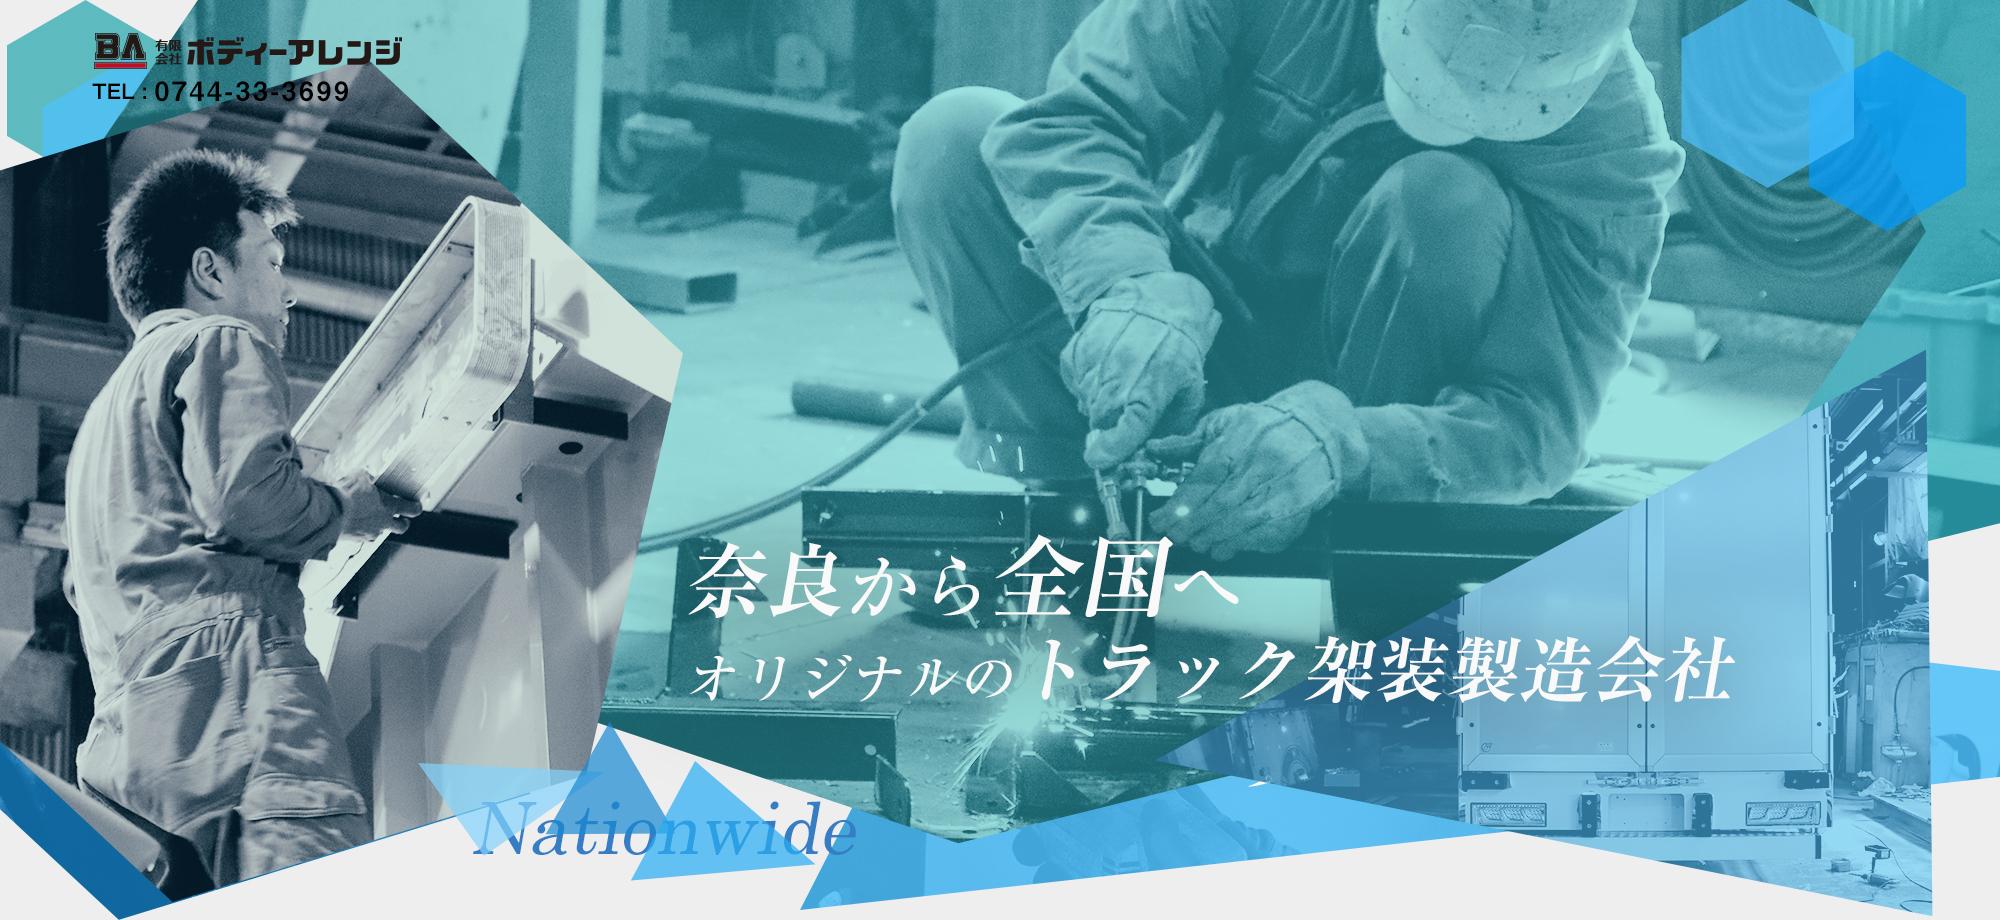 奈良から全国へ、オリジナルのトラック加装製造会社